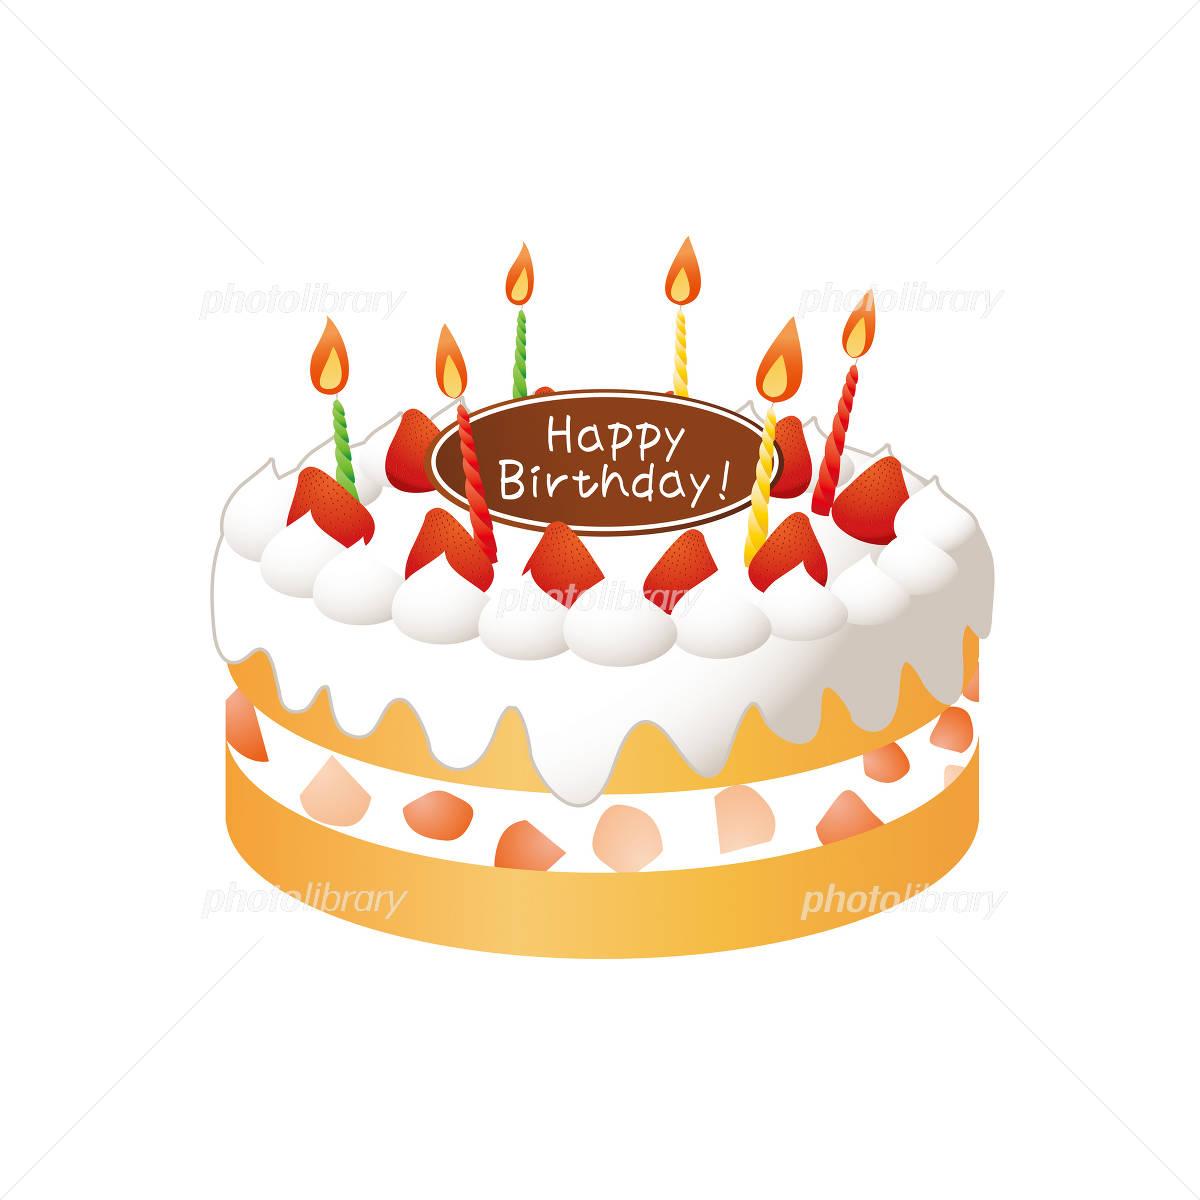 バースデーケーキのイラスト イラスト素材 957577 フォトライブ